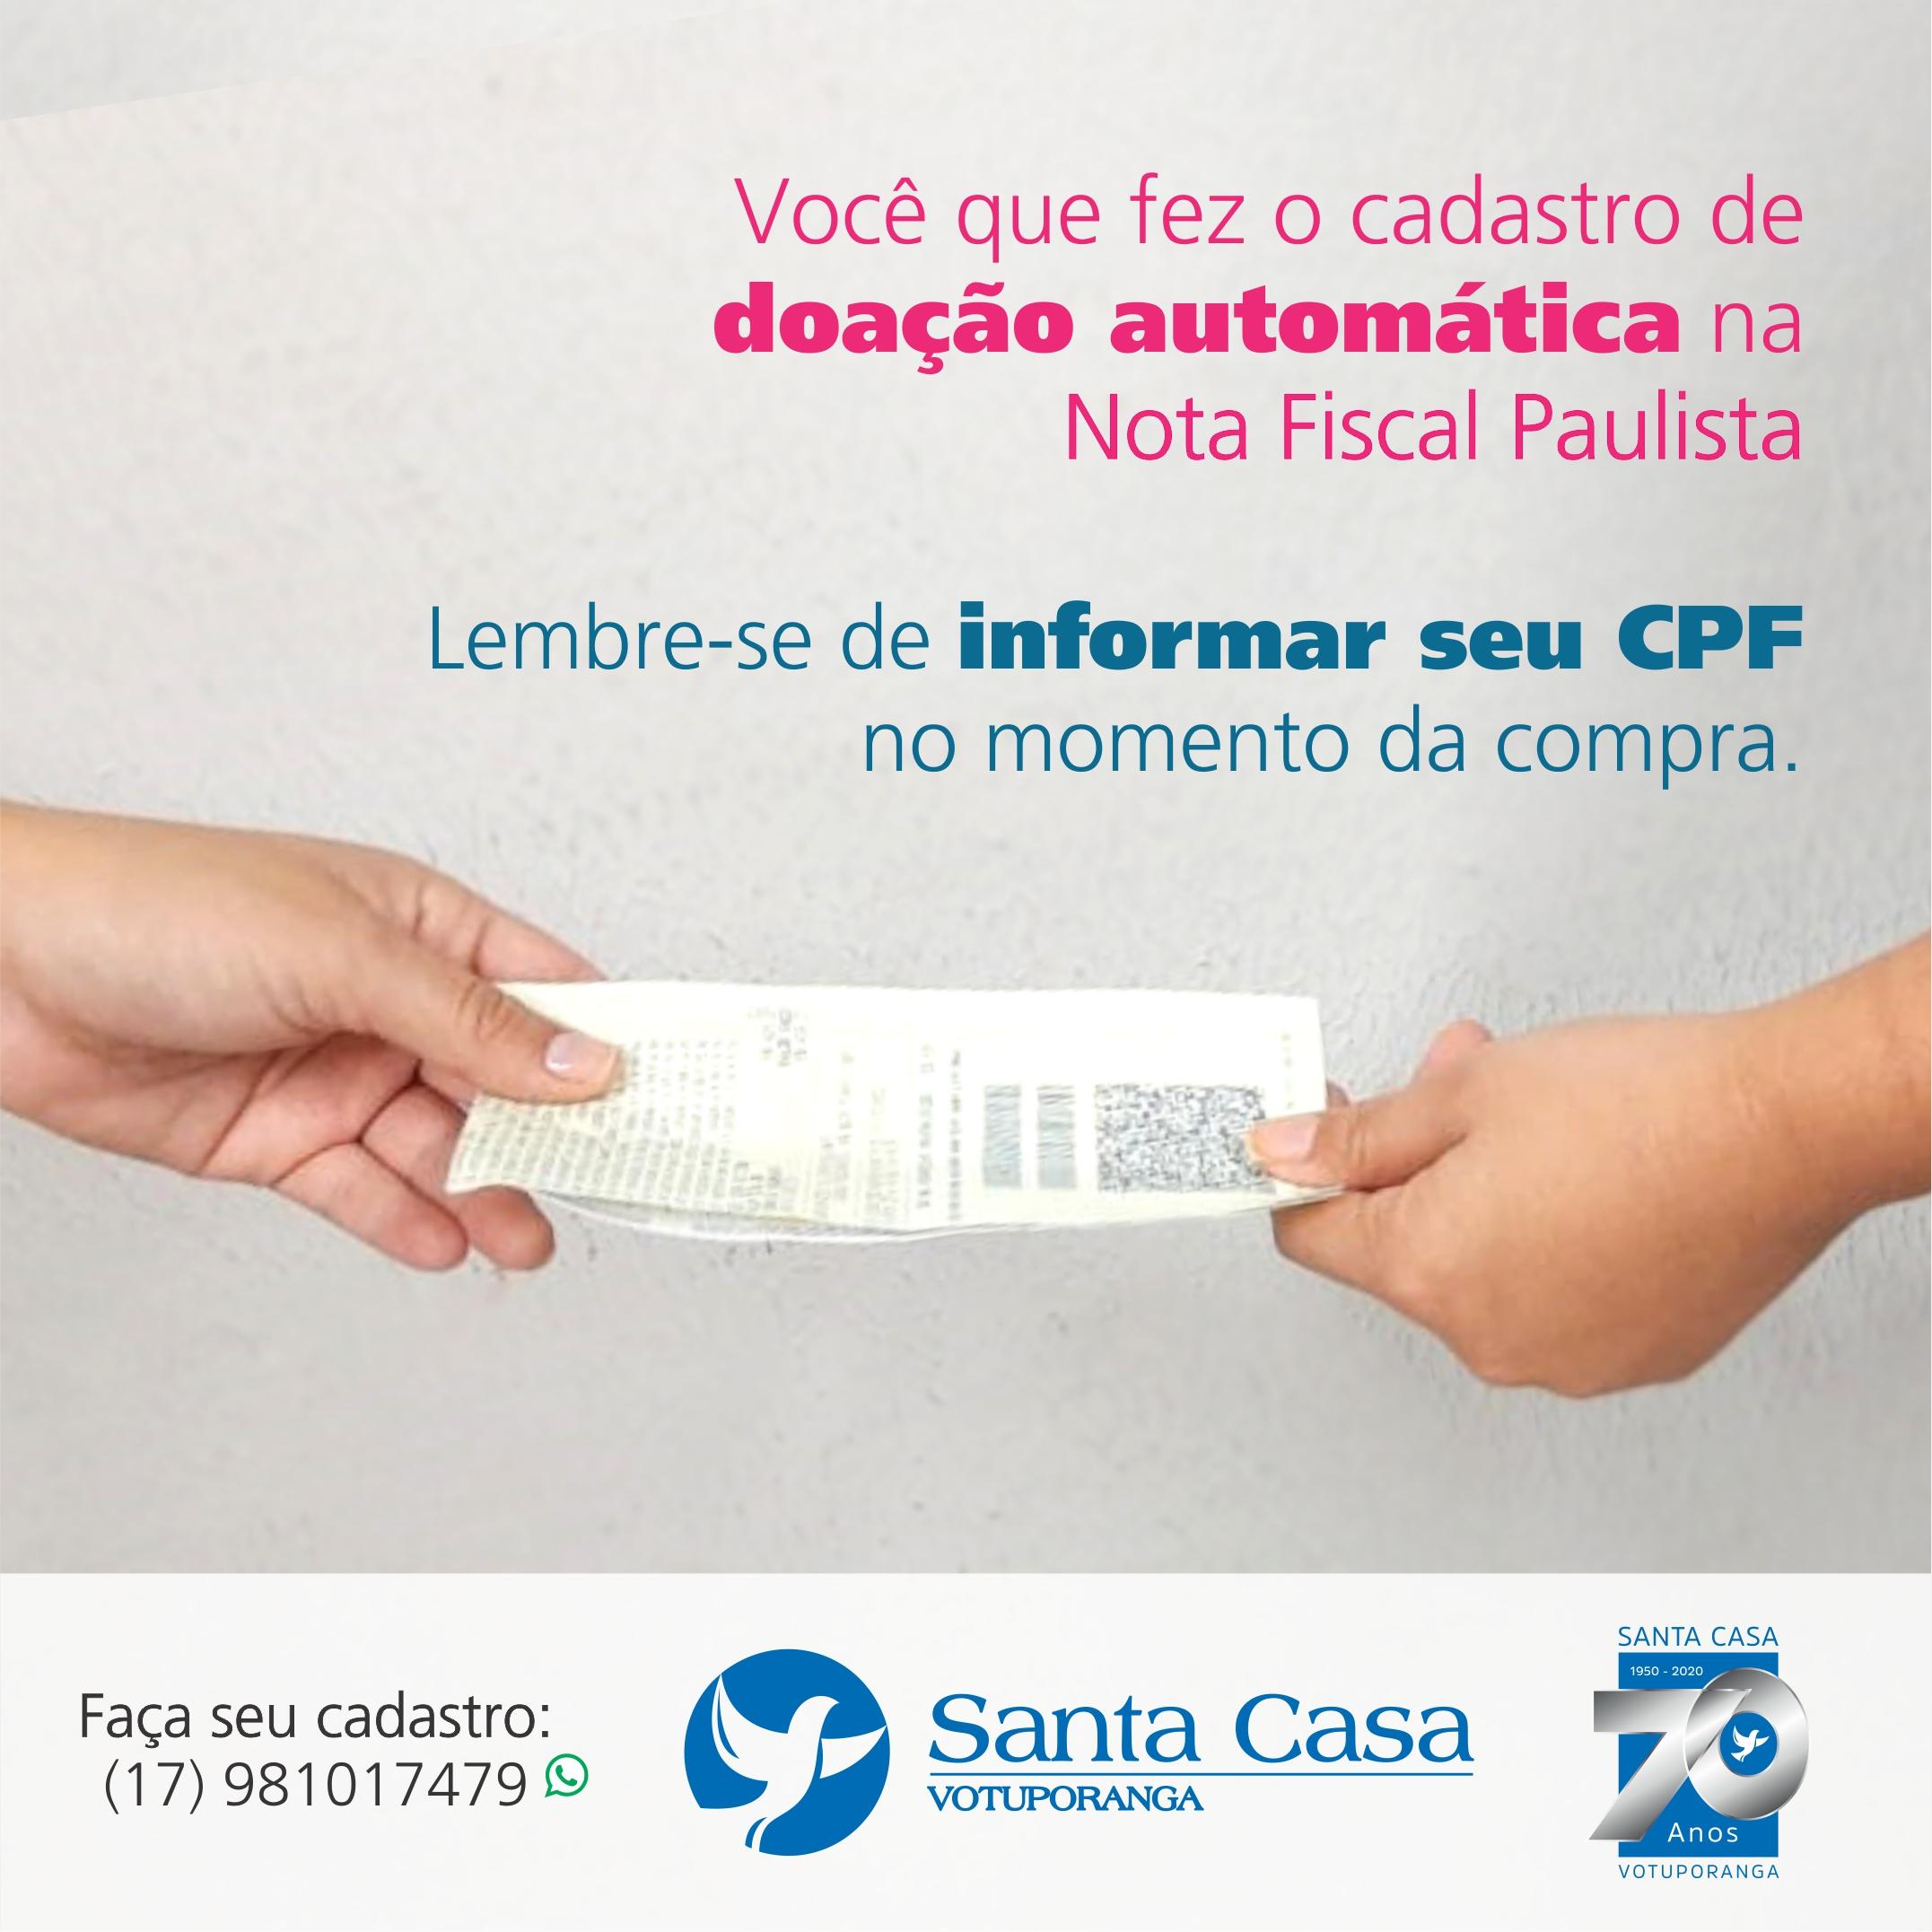 Nota Fiscal Paulista: depois do cadastro, é a hora de pedir o CPF nas compras!